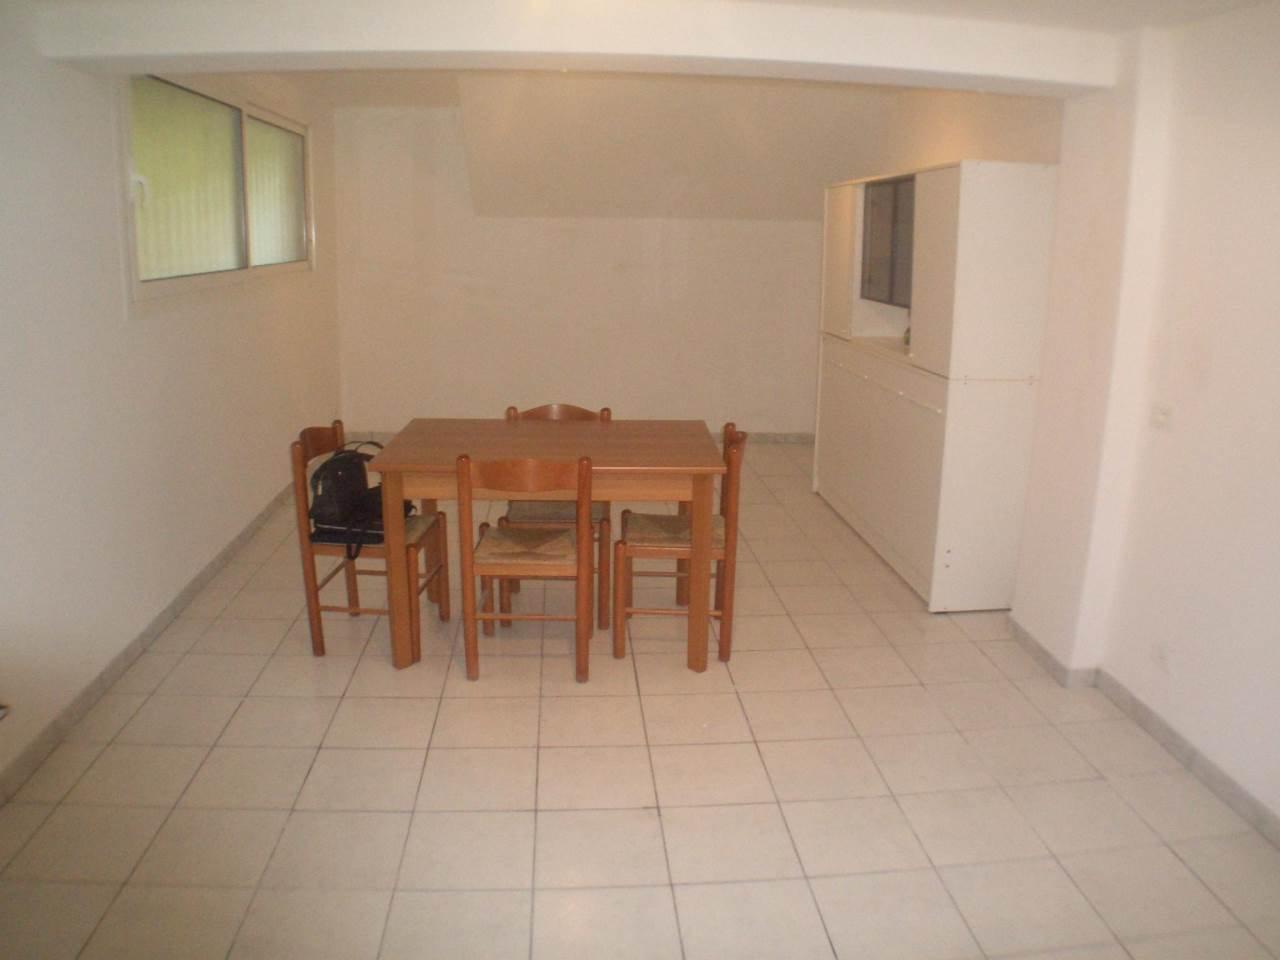 MENTON CENTENAIRE - appartement 3 pièces à vendre